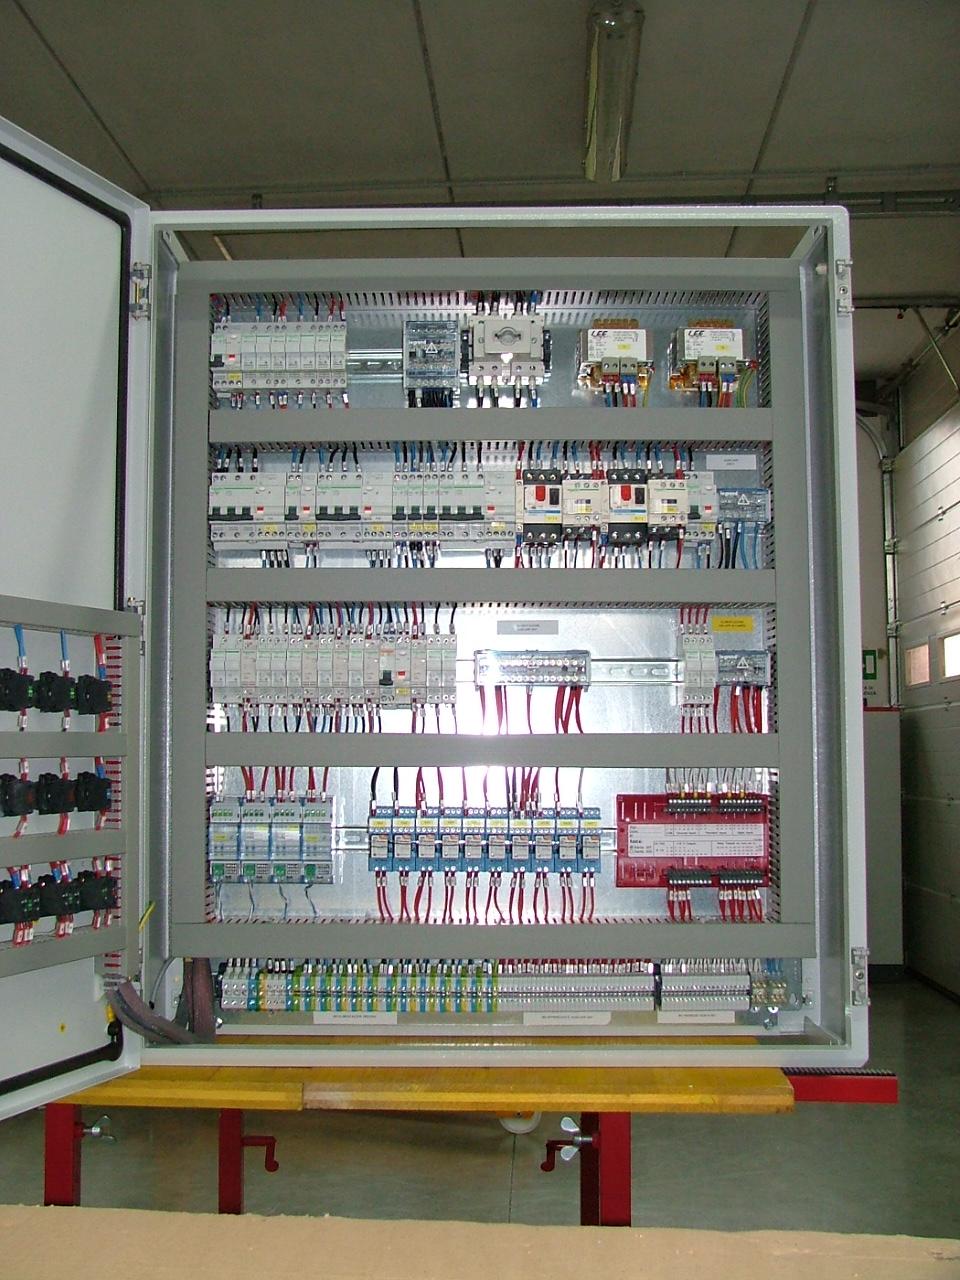 Schema Cablaggio Lan : Elettrici impianti elettrica civili reti mt bt lan electrician m